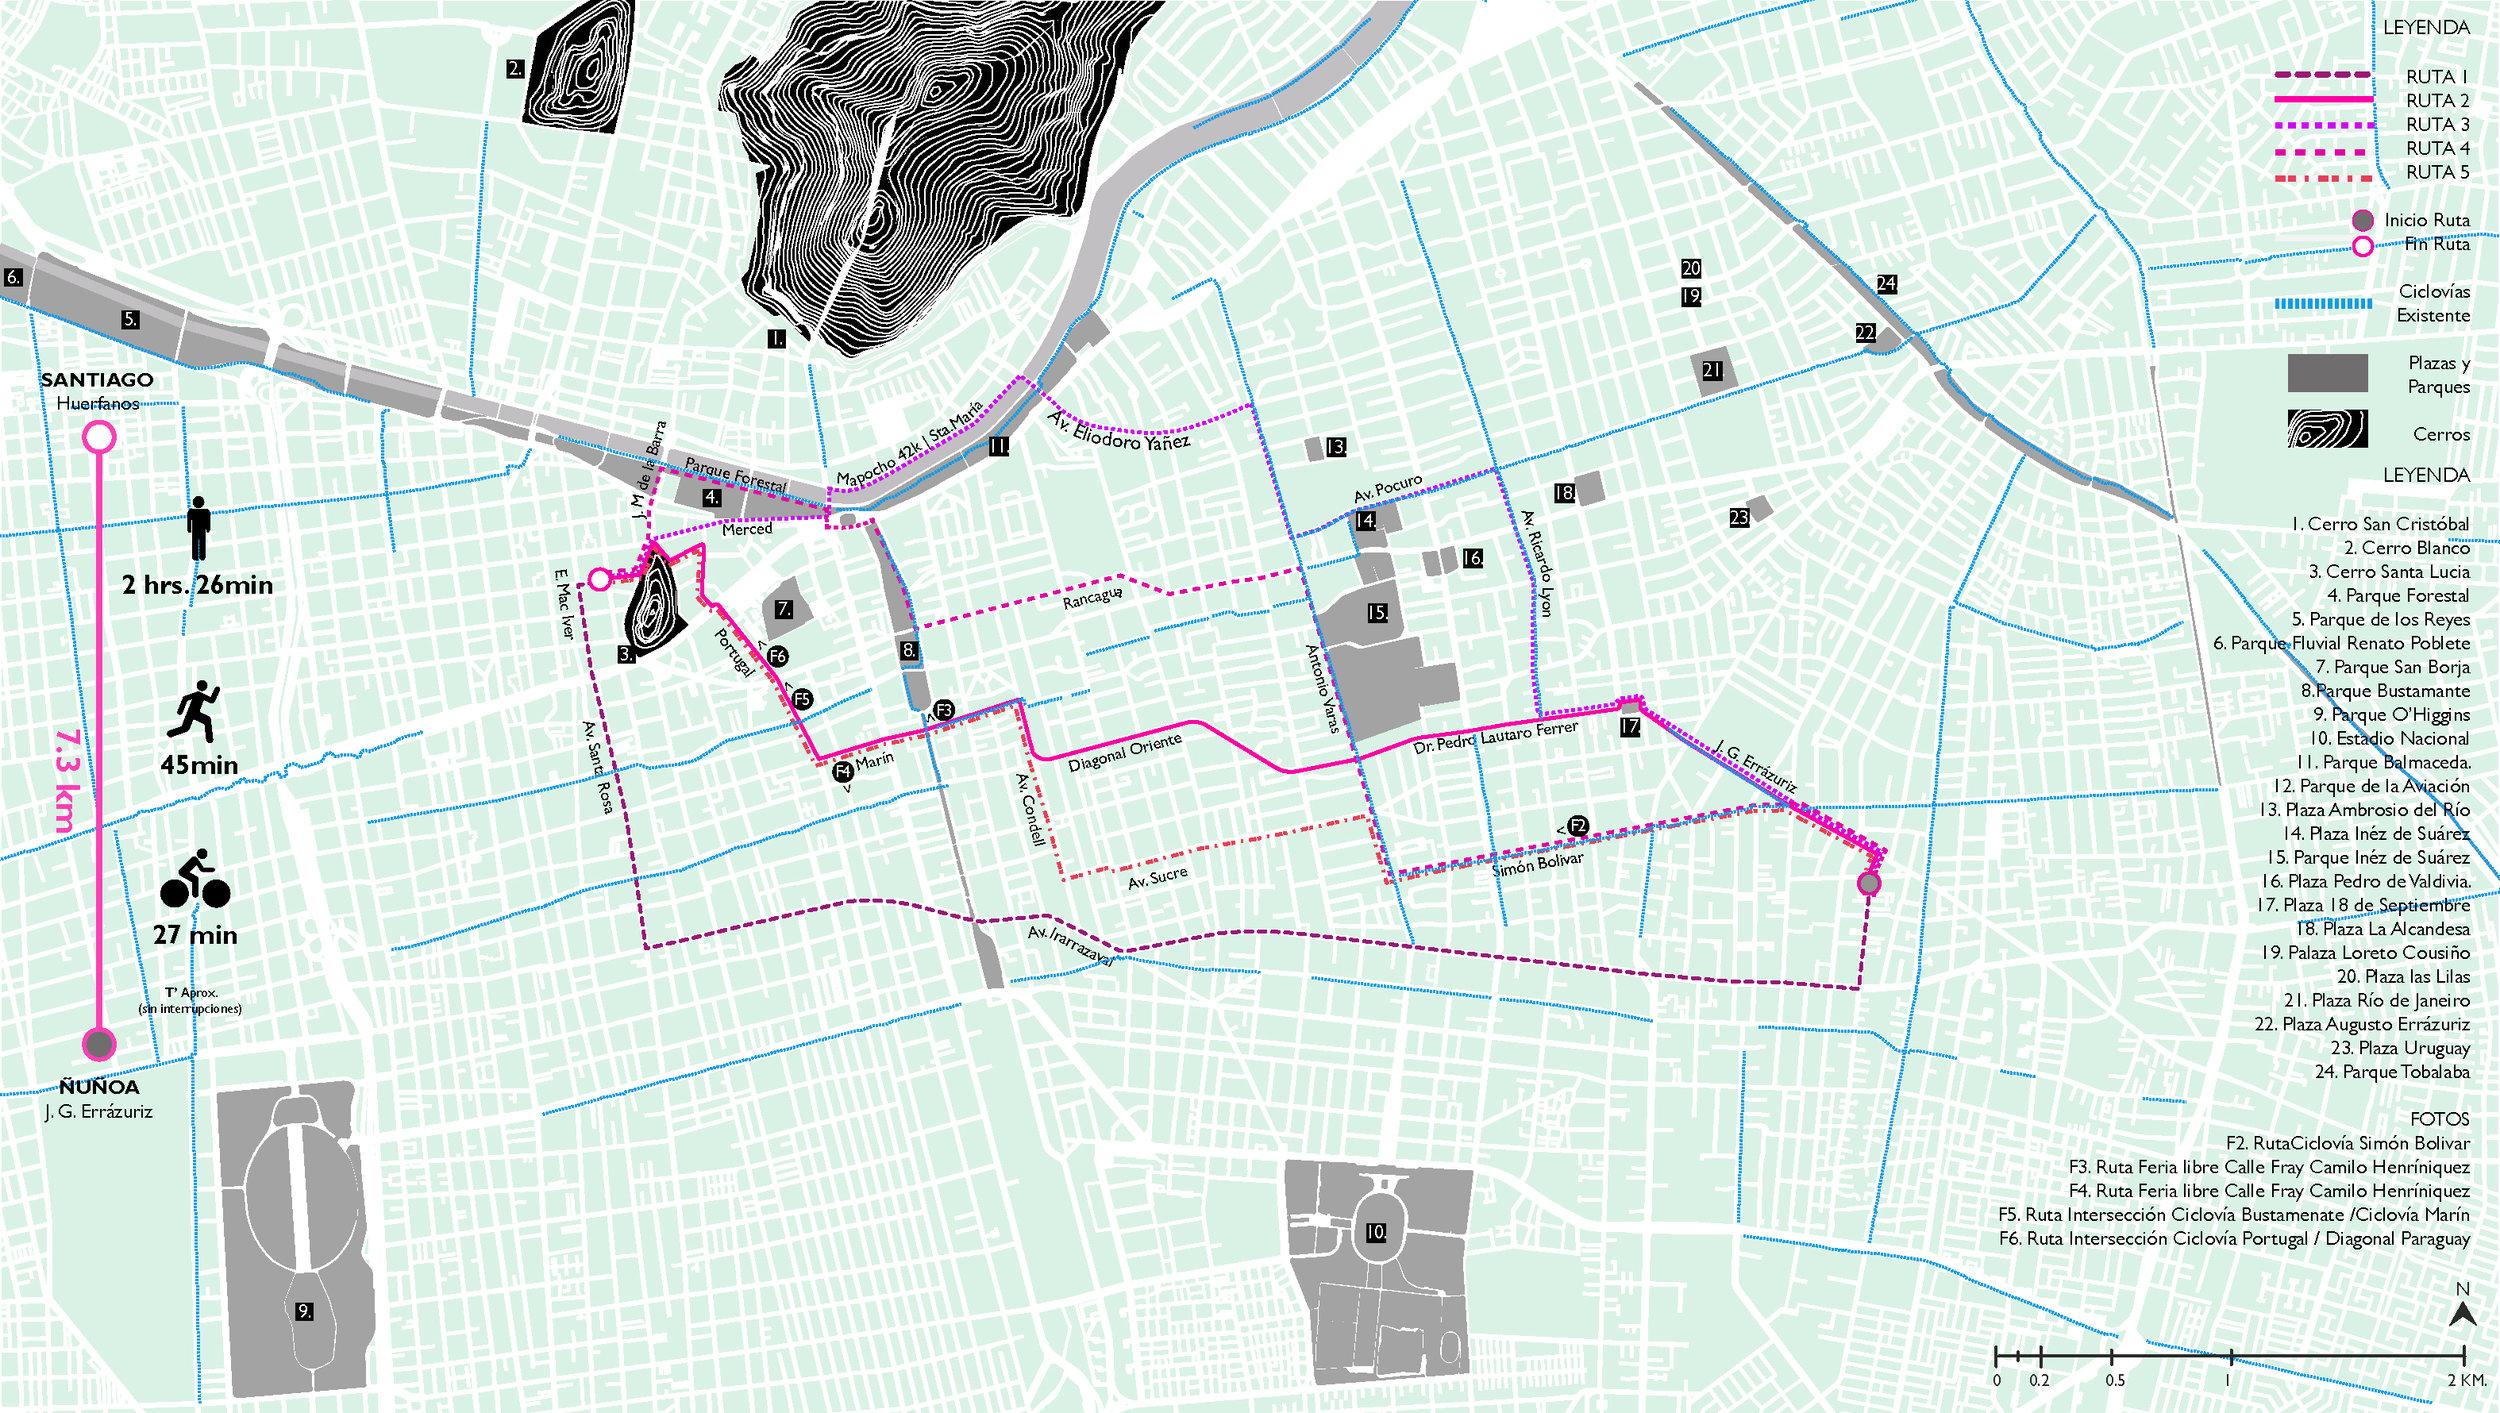 (7) Cartografía Rutas de lo Cotidiano © Francisca Salas P. para LOFscapes